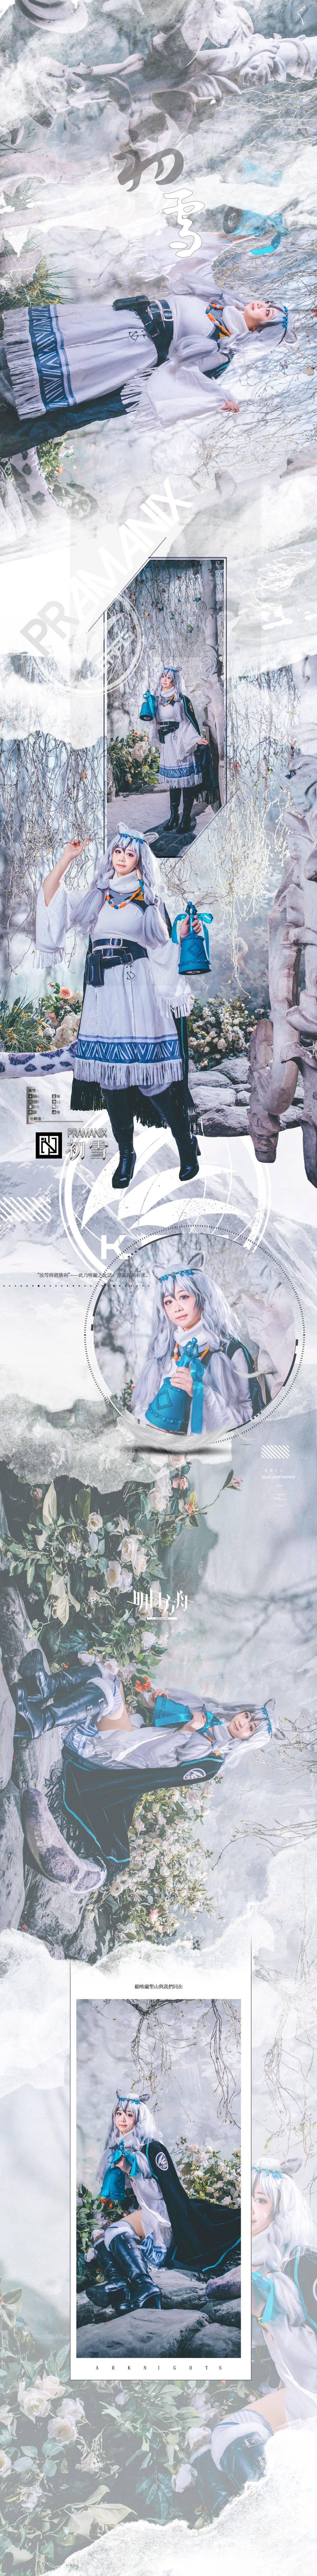 《明日方舟》明日方舟初雪cosplay【CN:爱鲤苏CHAOS】-第2张